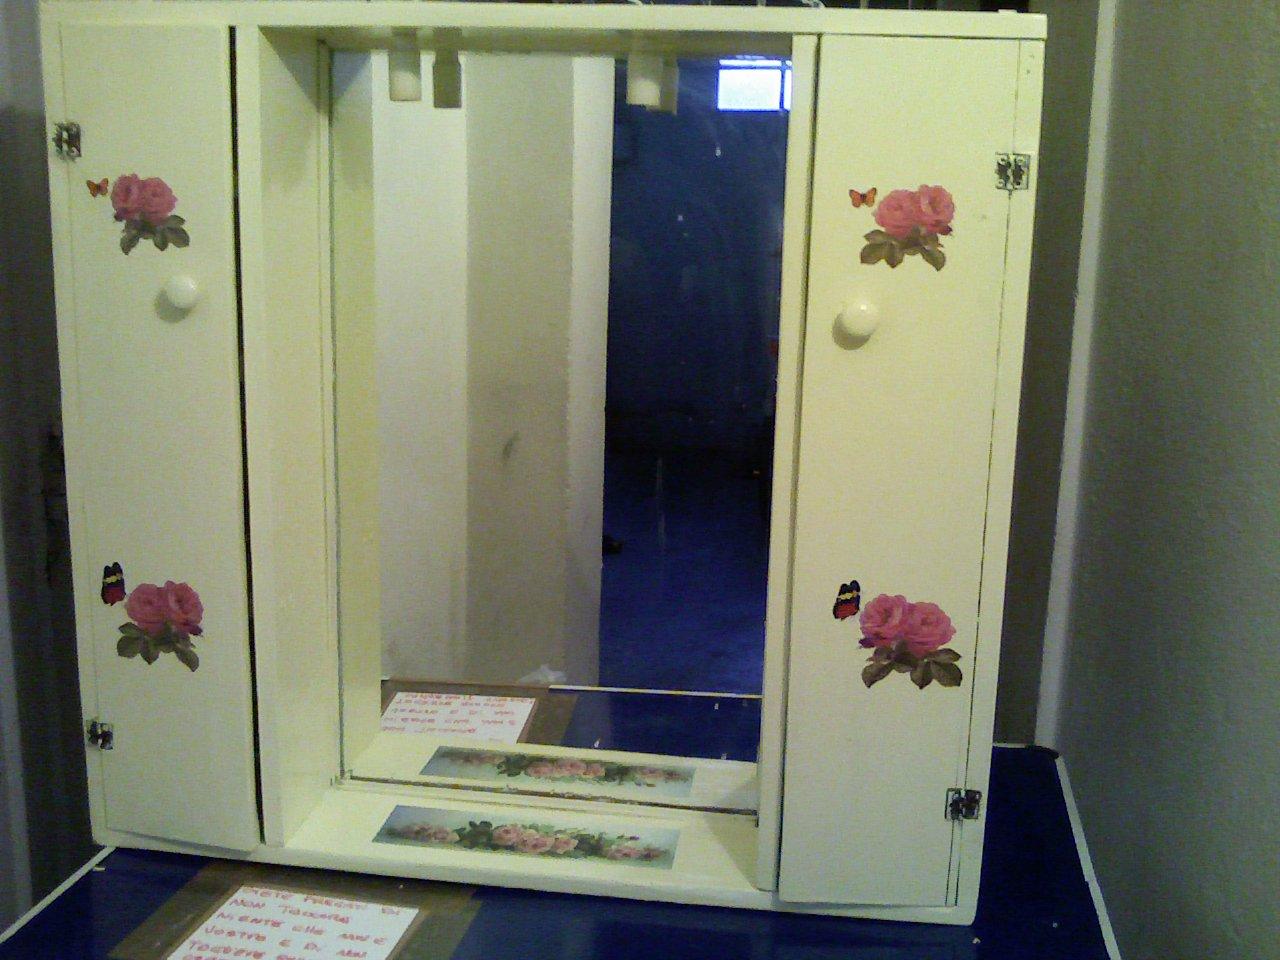 Artigianato artistico al femminile mobili al decoupage in - Cerco mobile bagno ...